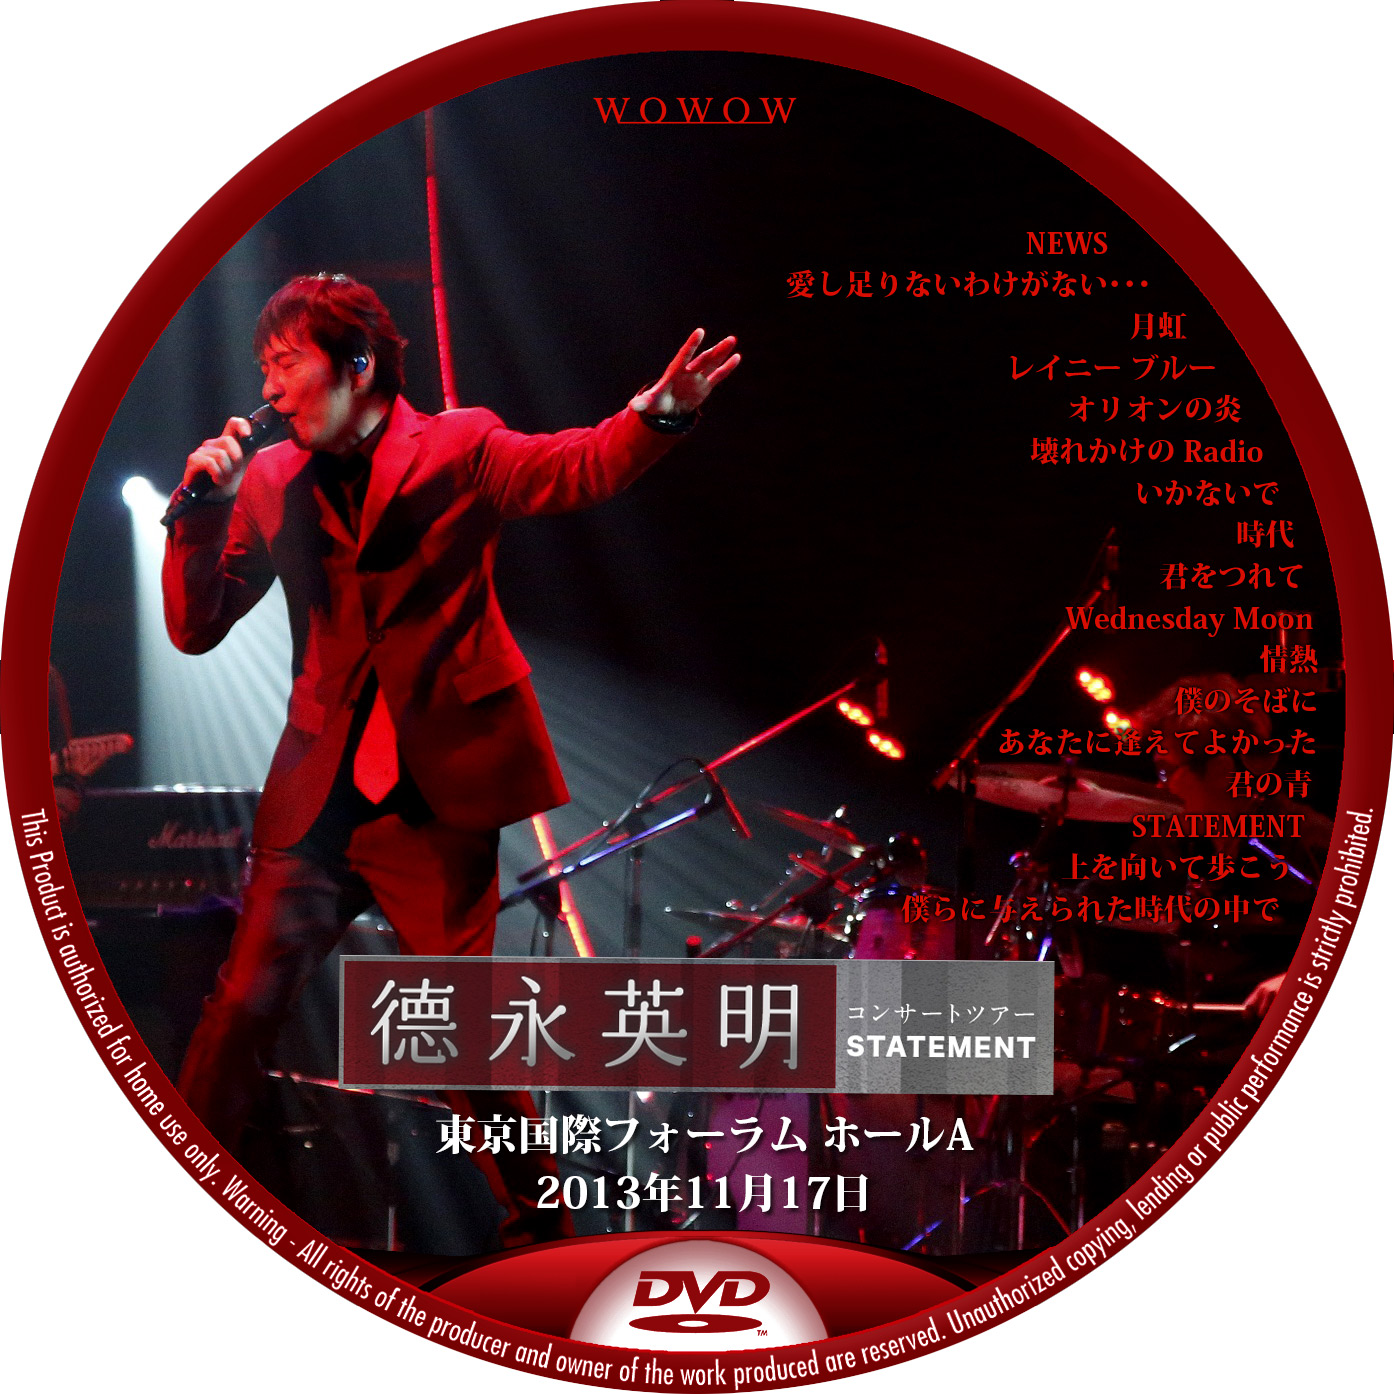 徳永英明 WOWOW DVDラベル